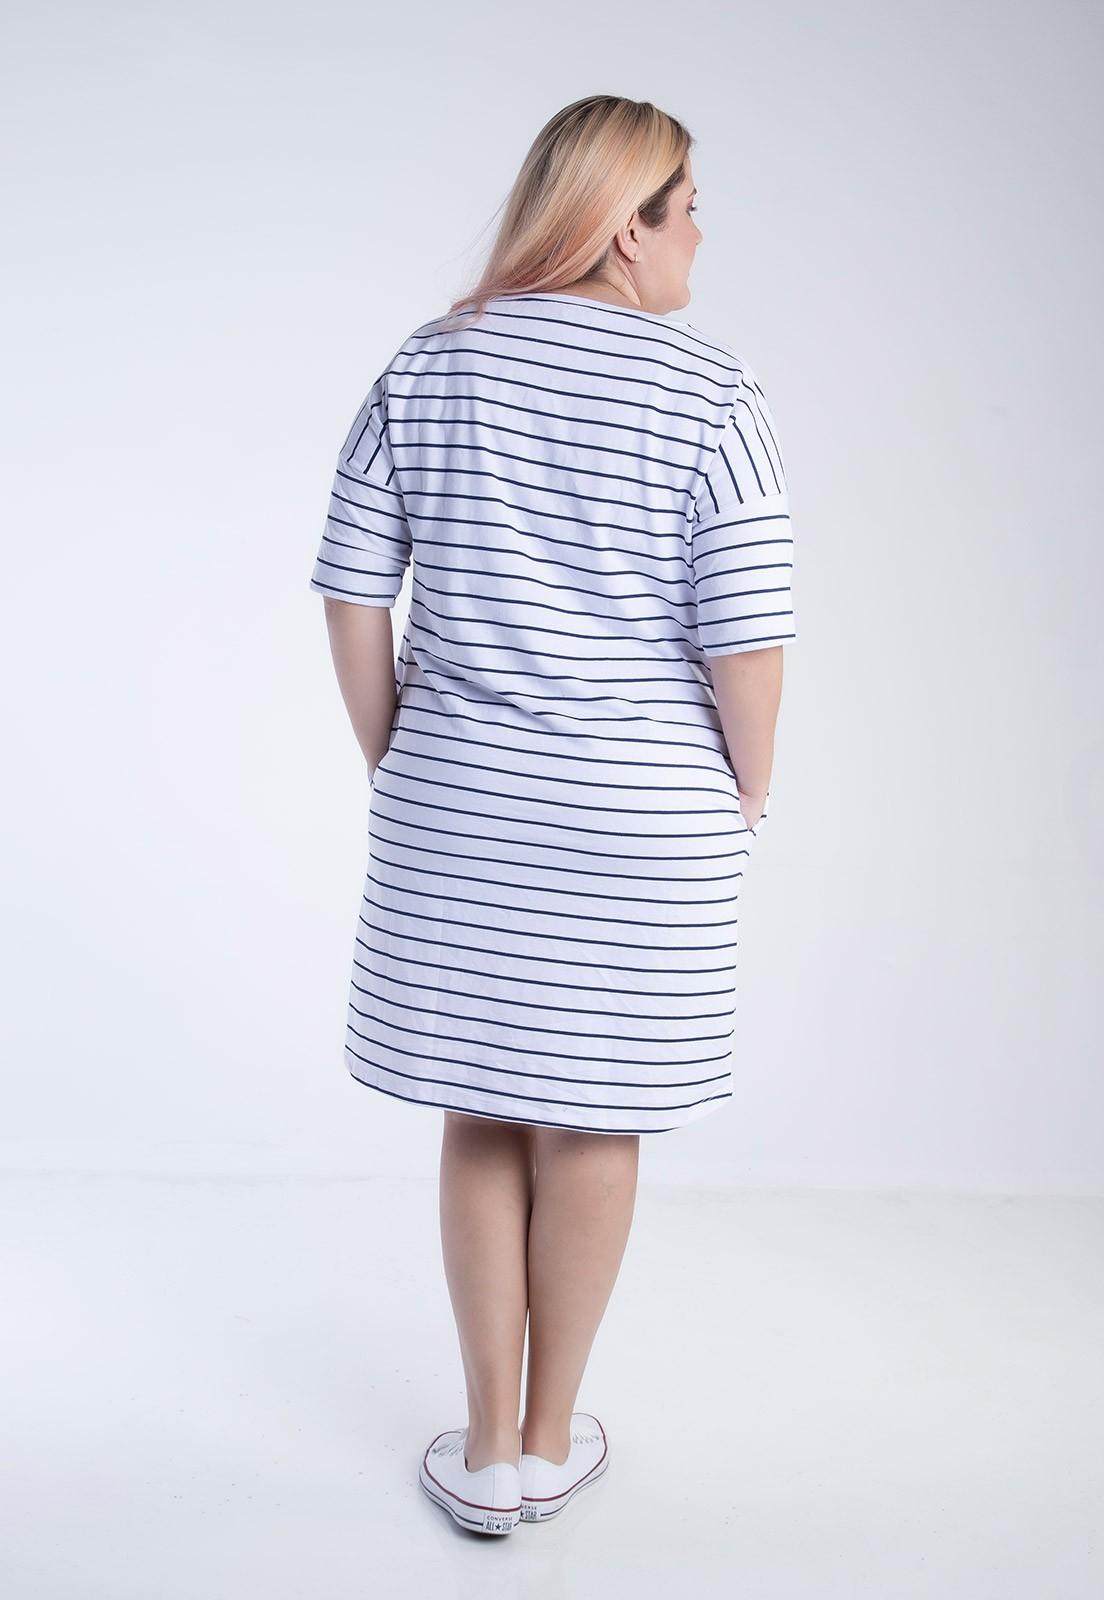 Vestido plus size de moletom oversized listrado branco